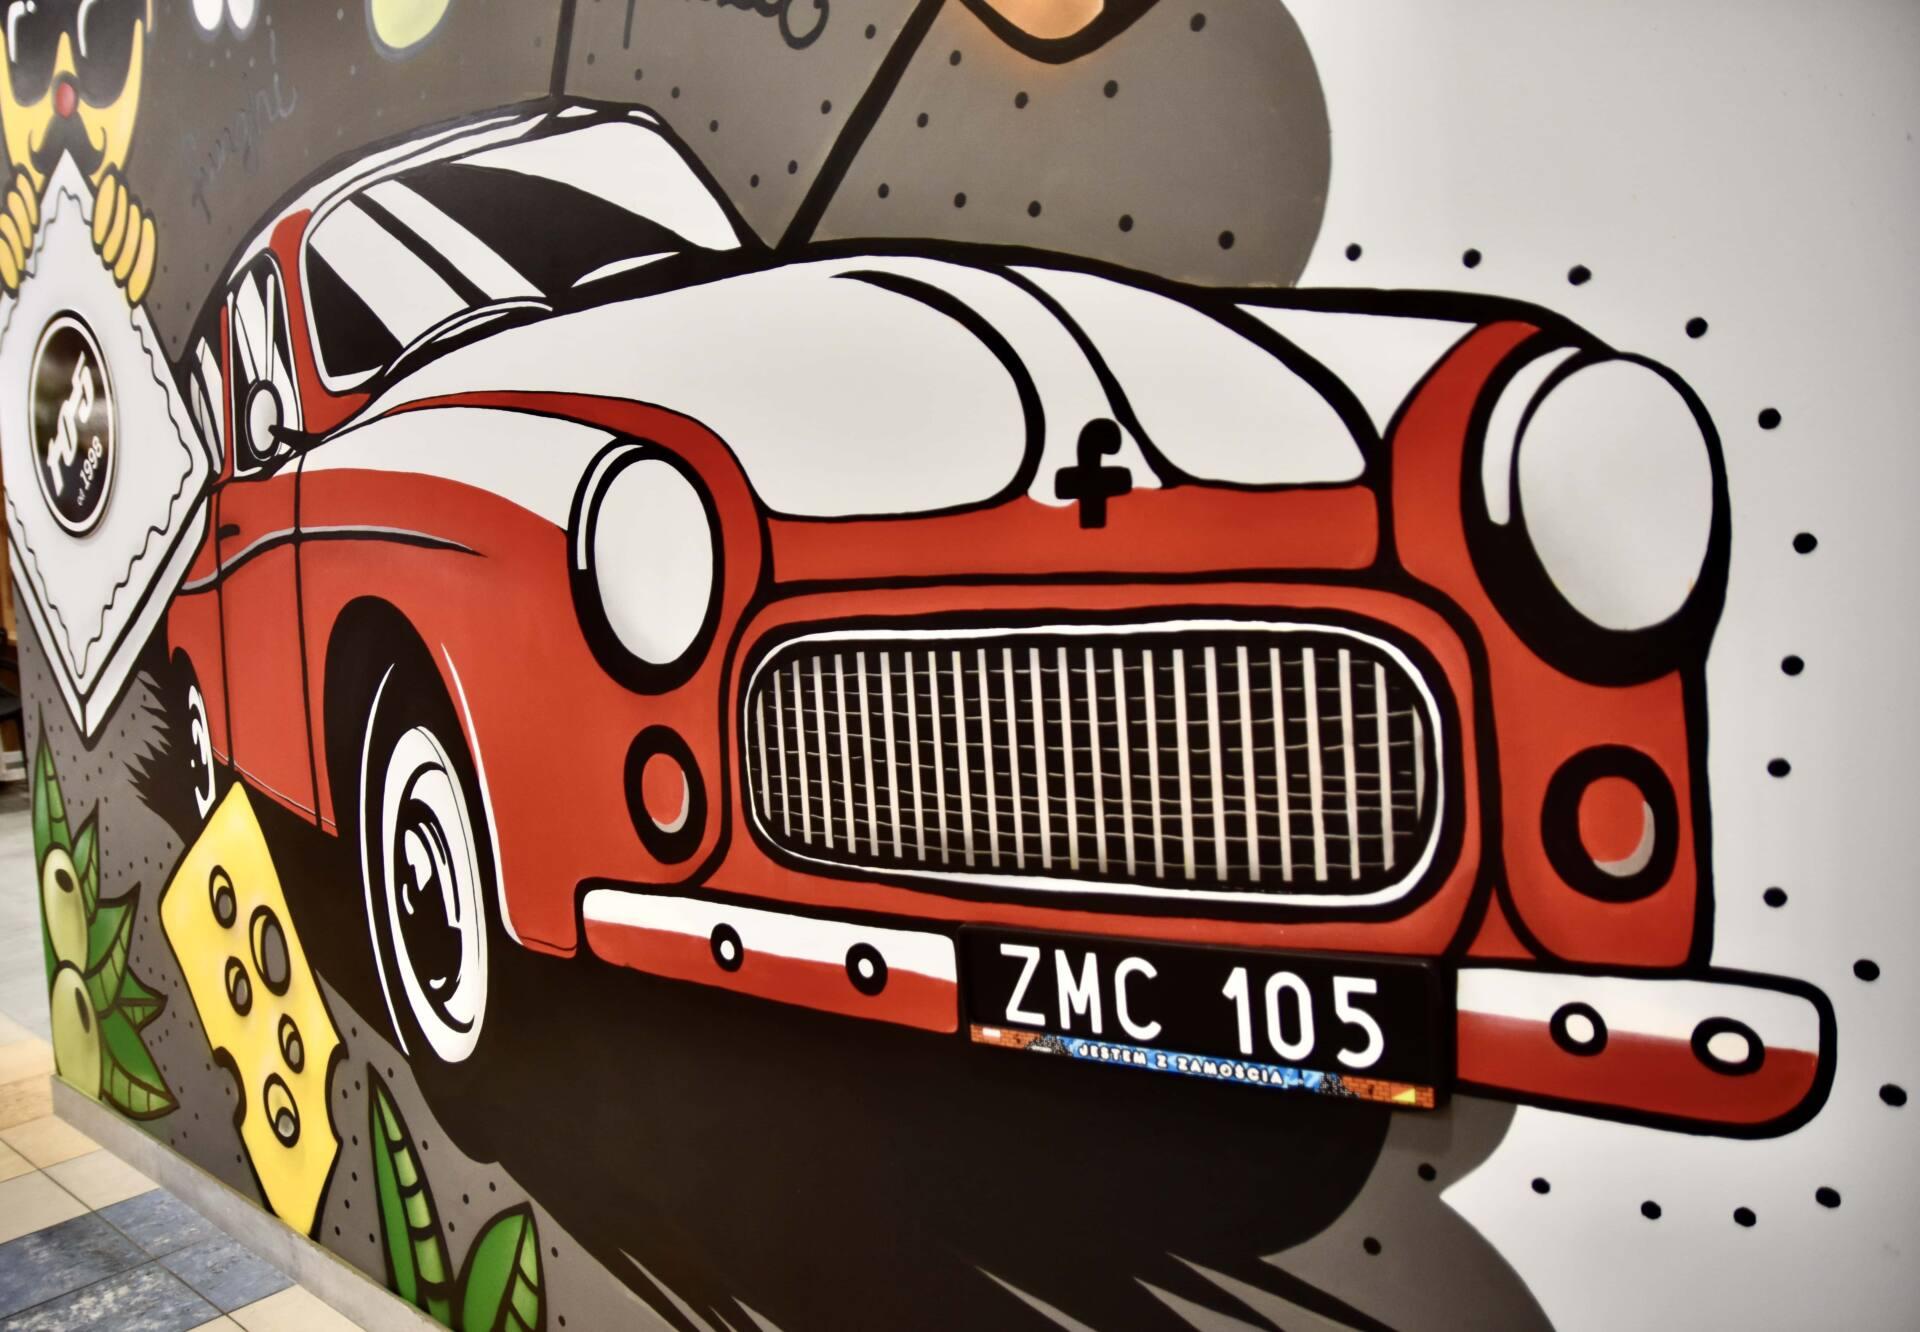 dsc 3283 Pizzeria Stopiątka otworzyła swój pierwszy lokal w Zamościu.